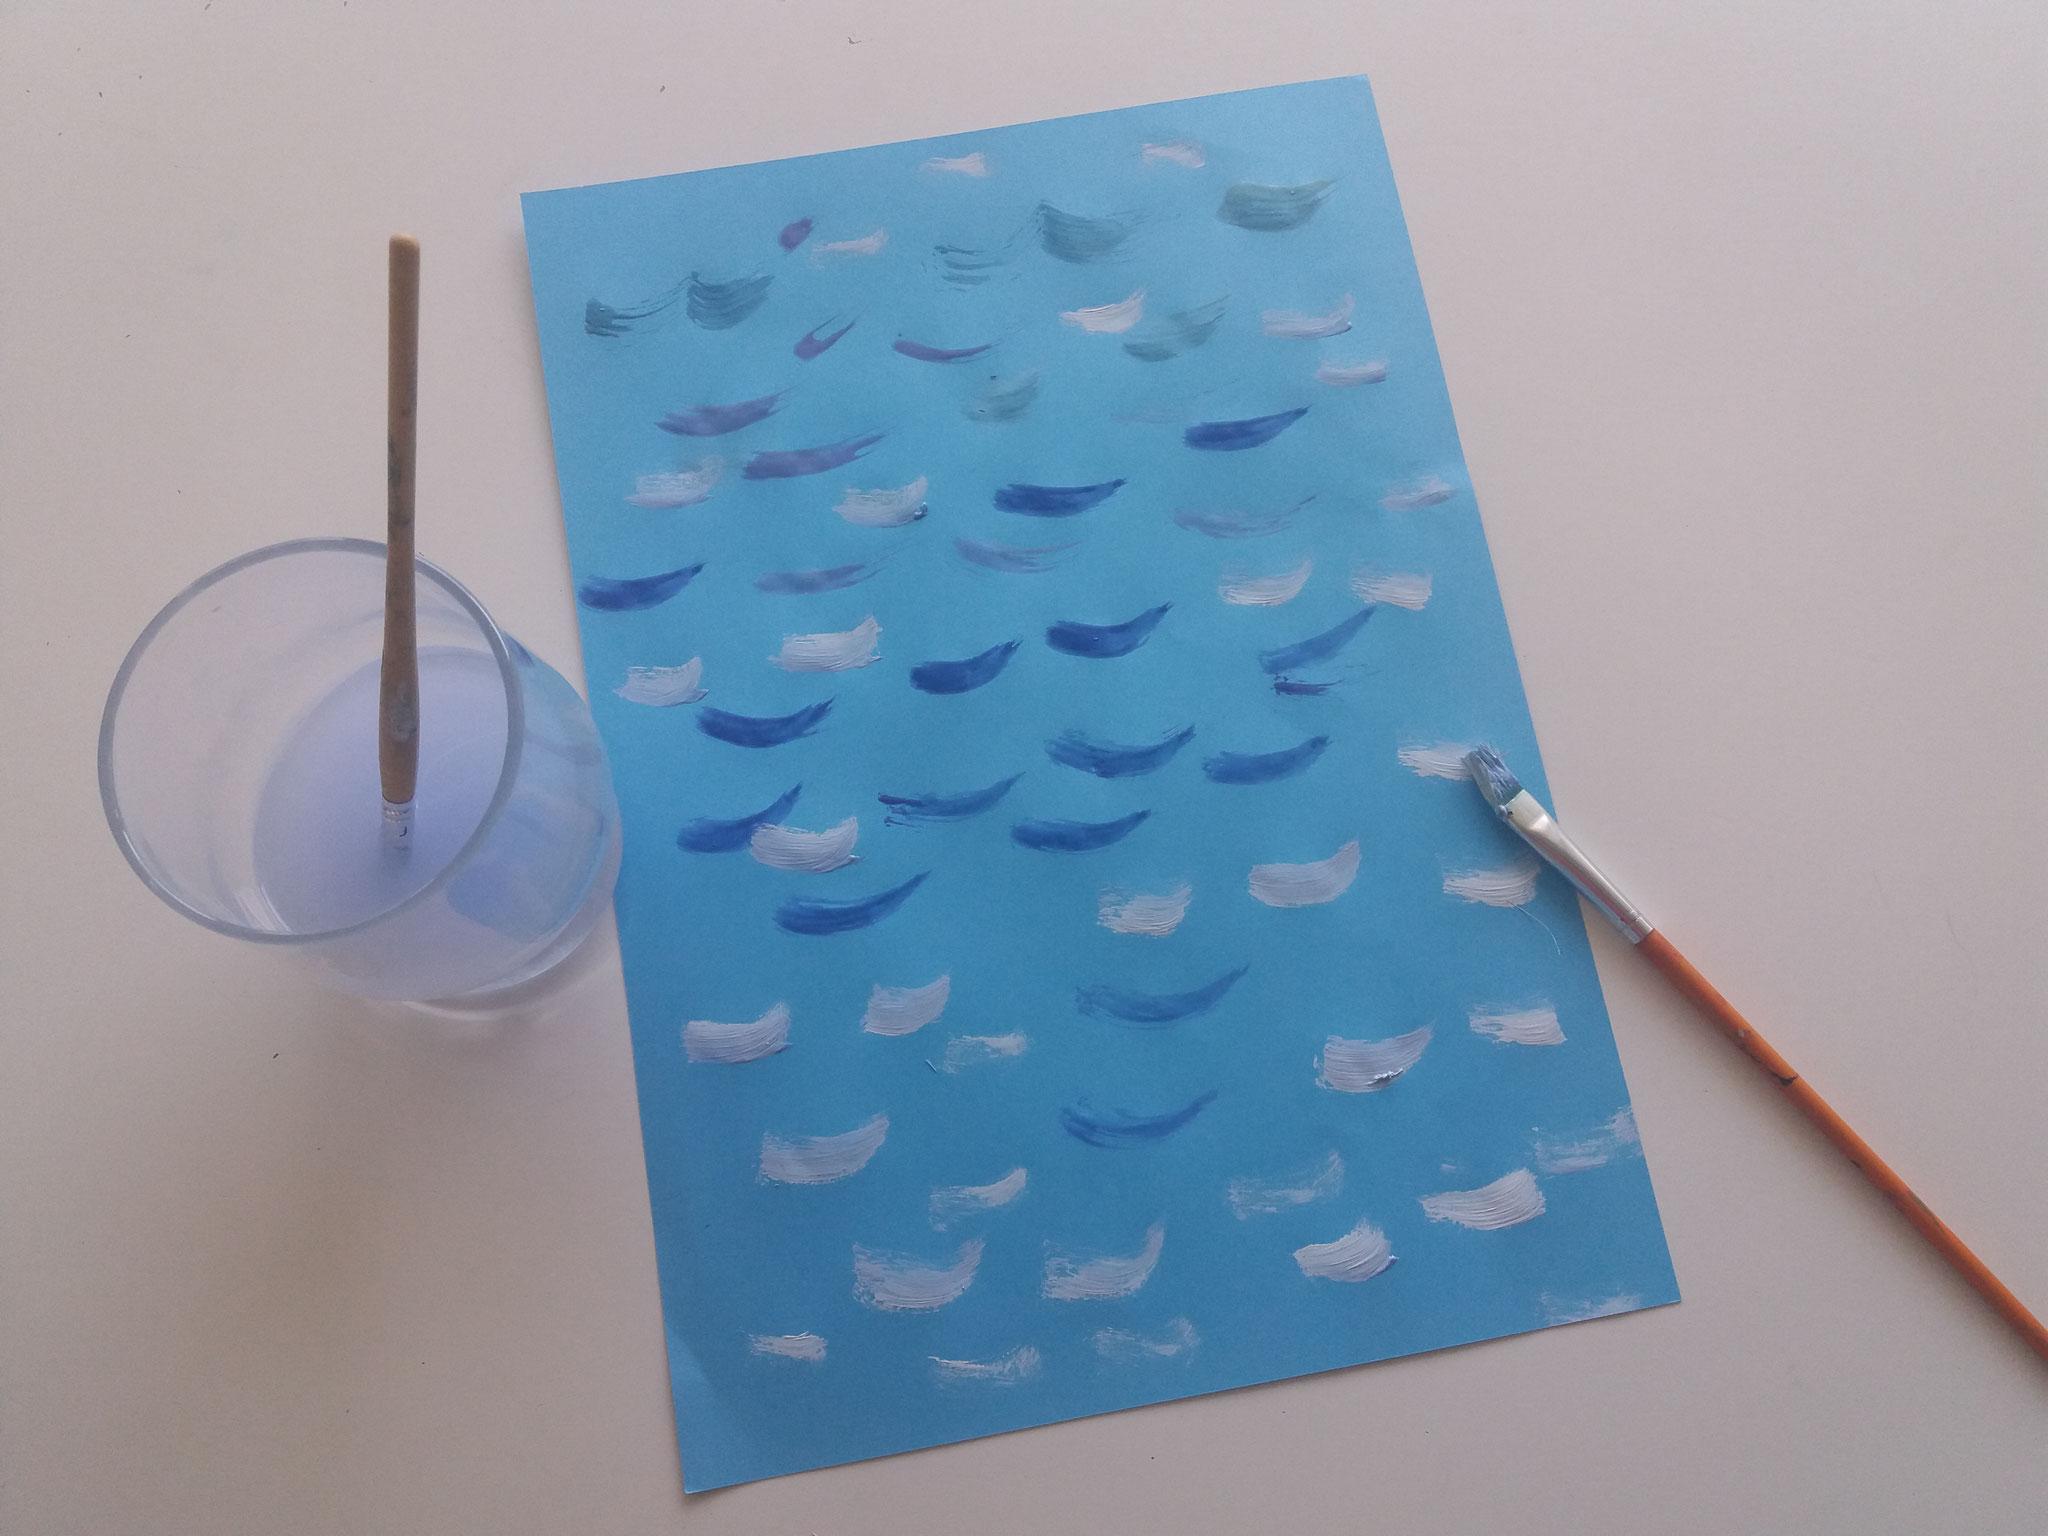 Mit Wasserfarben unterschiedliche Blautöne mischen und Wellen auf das Hintergrundbild malen